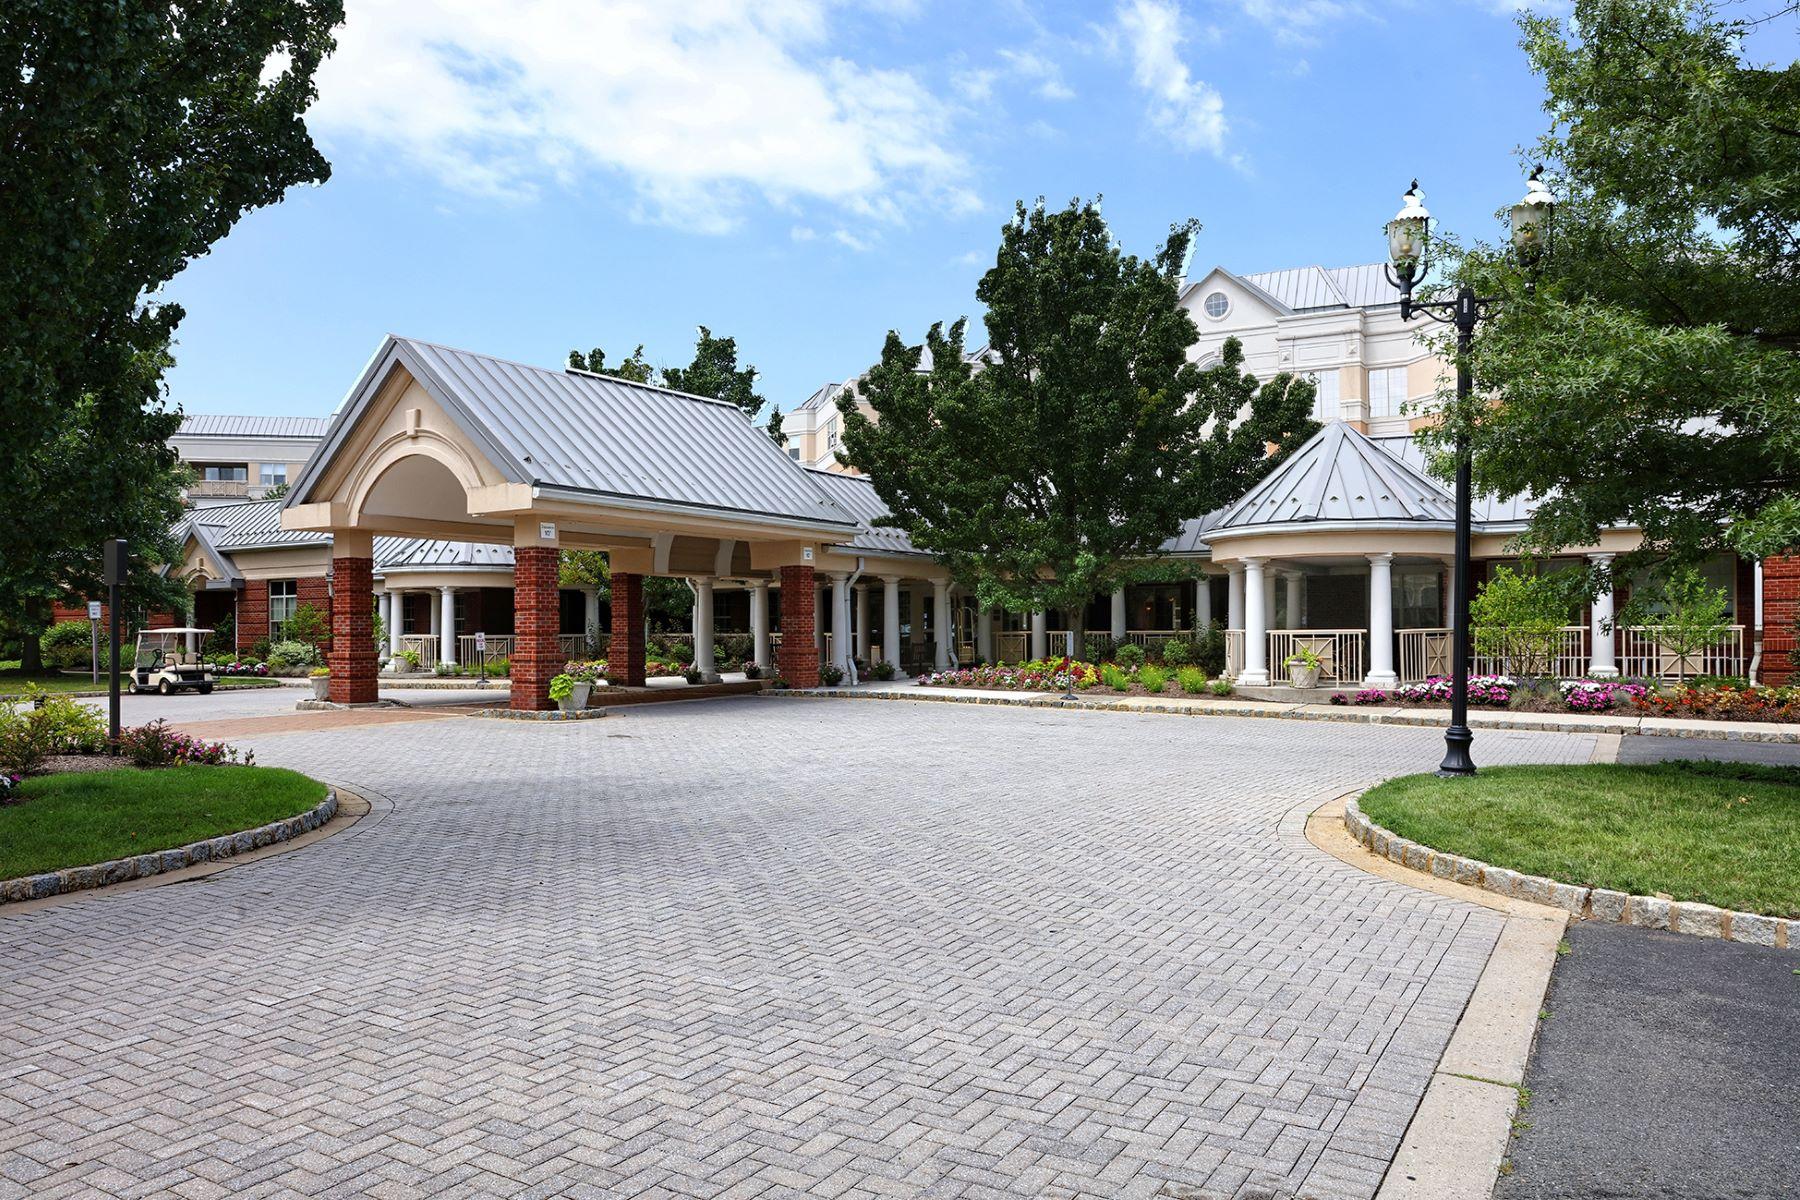 Кондоминиум для того Продажа на End Unit in Luxurious Princeton Windrows - Plainsboro Township 2220 Windrow Drive Princeton, Нью-Джерси, 08540 Соединенные Штаты